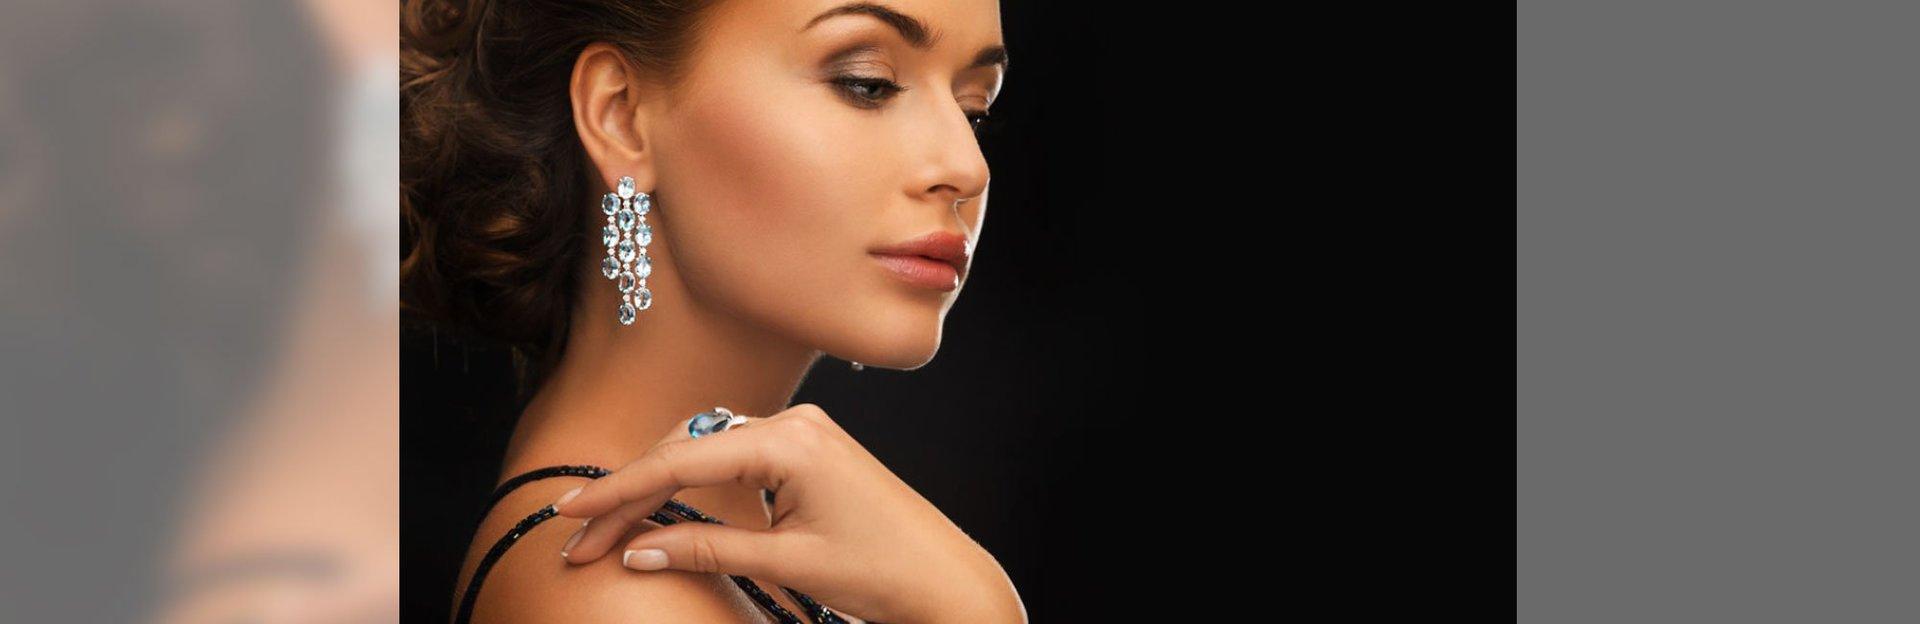 Lady wearing diamond earring